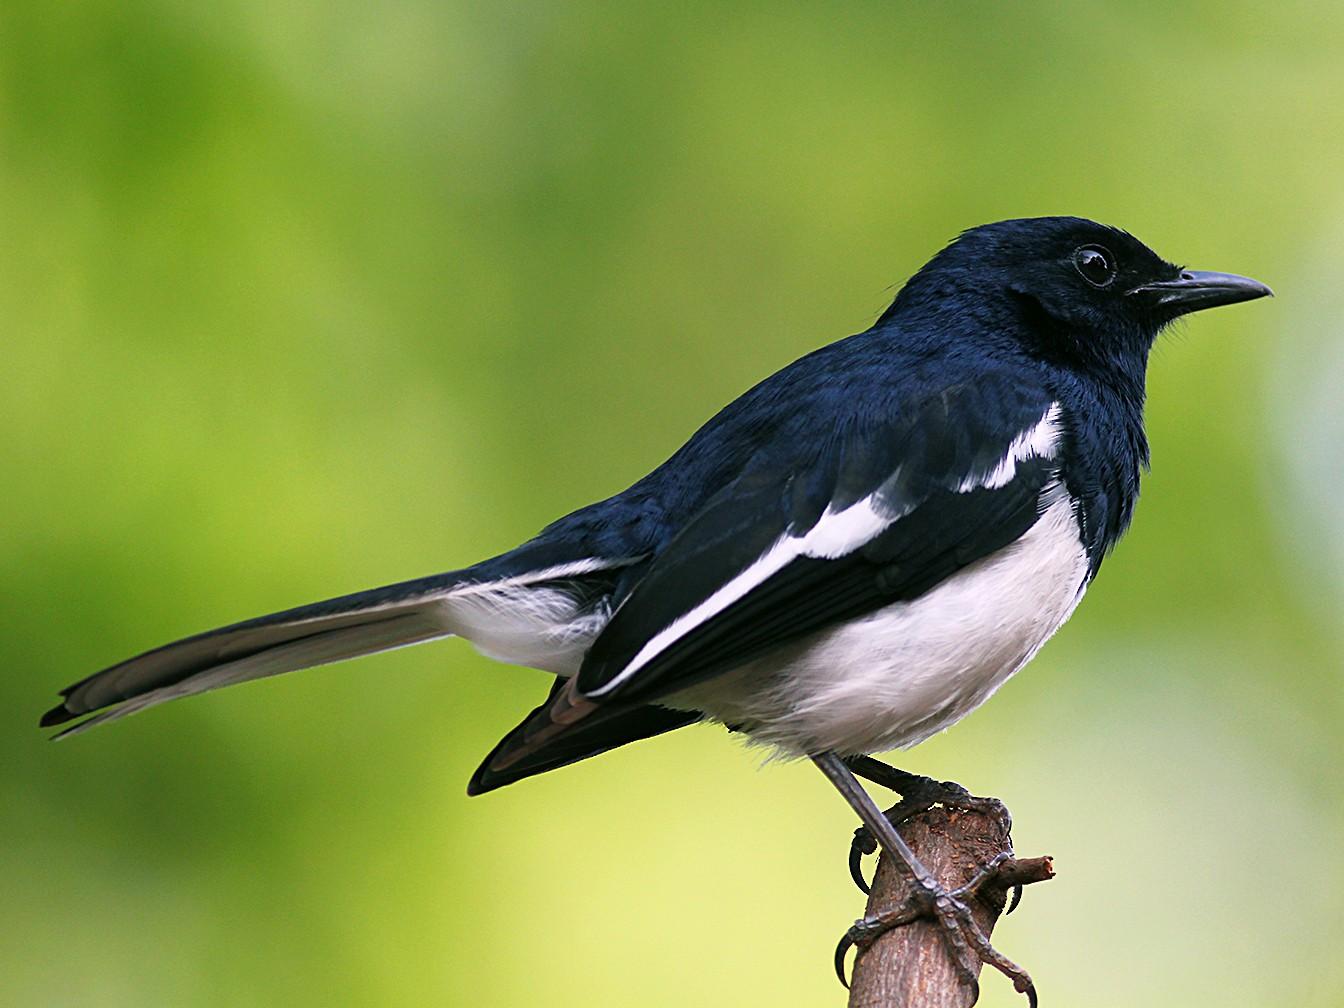 Oriental Magpie-Robin - Aravind AM